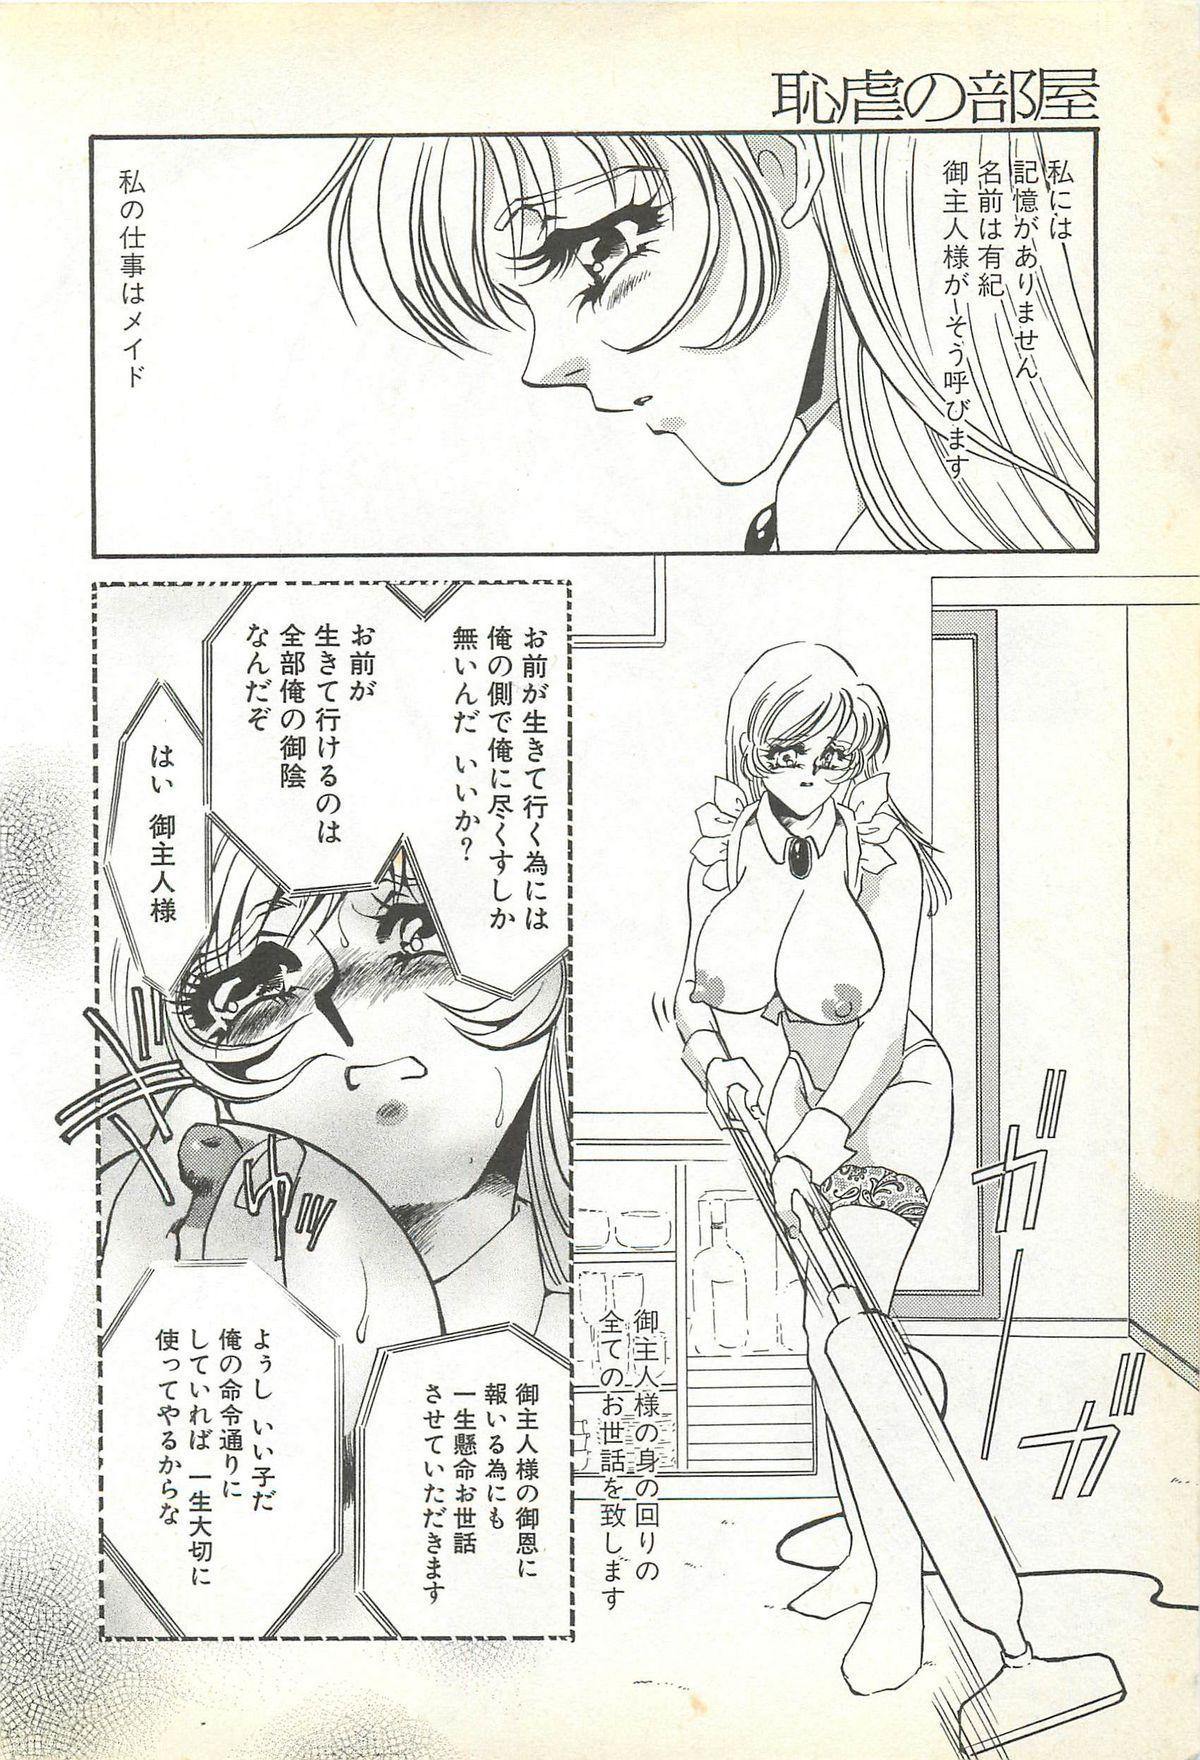 Chigyaku no Heya - A Shameful Punishment Room 6